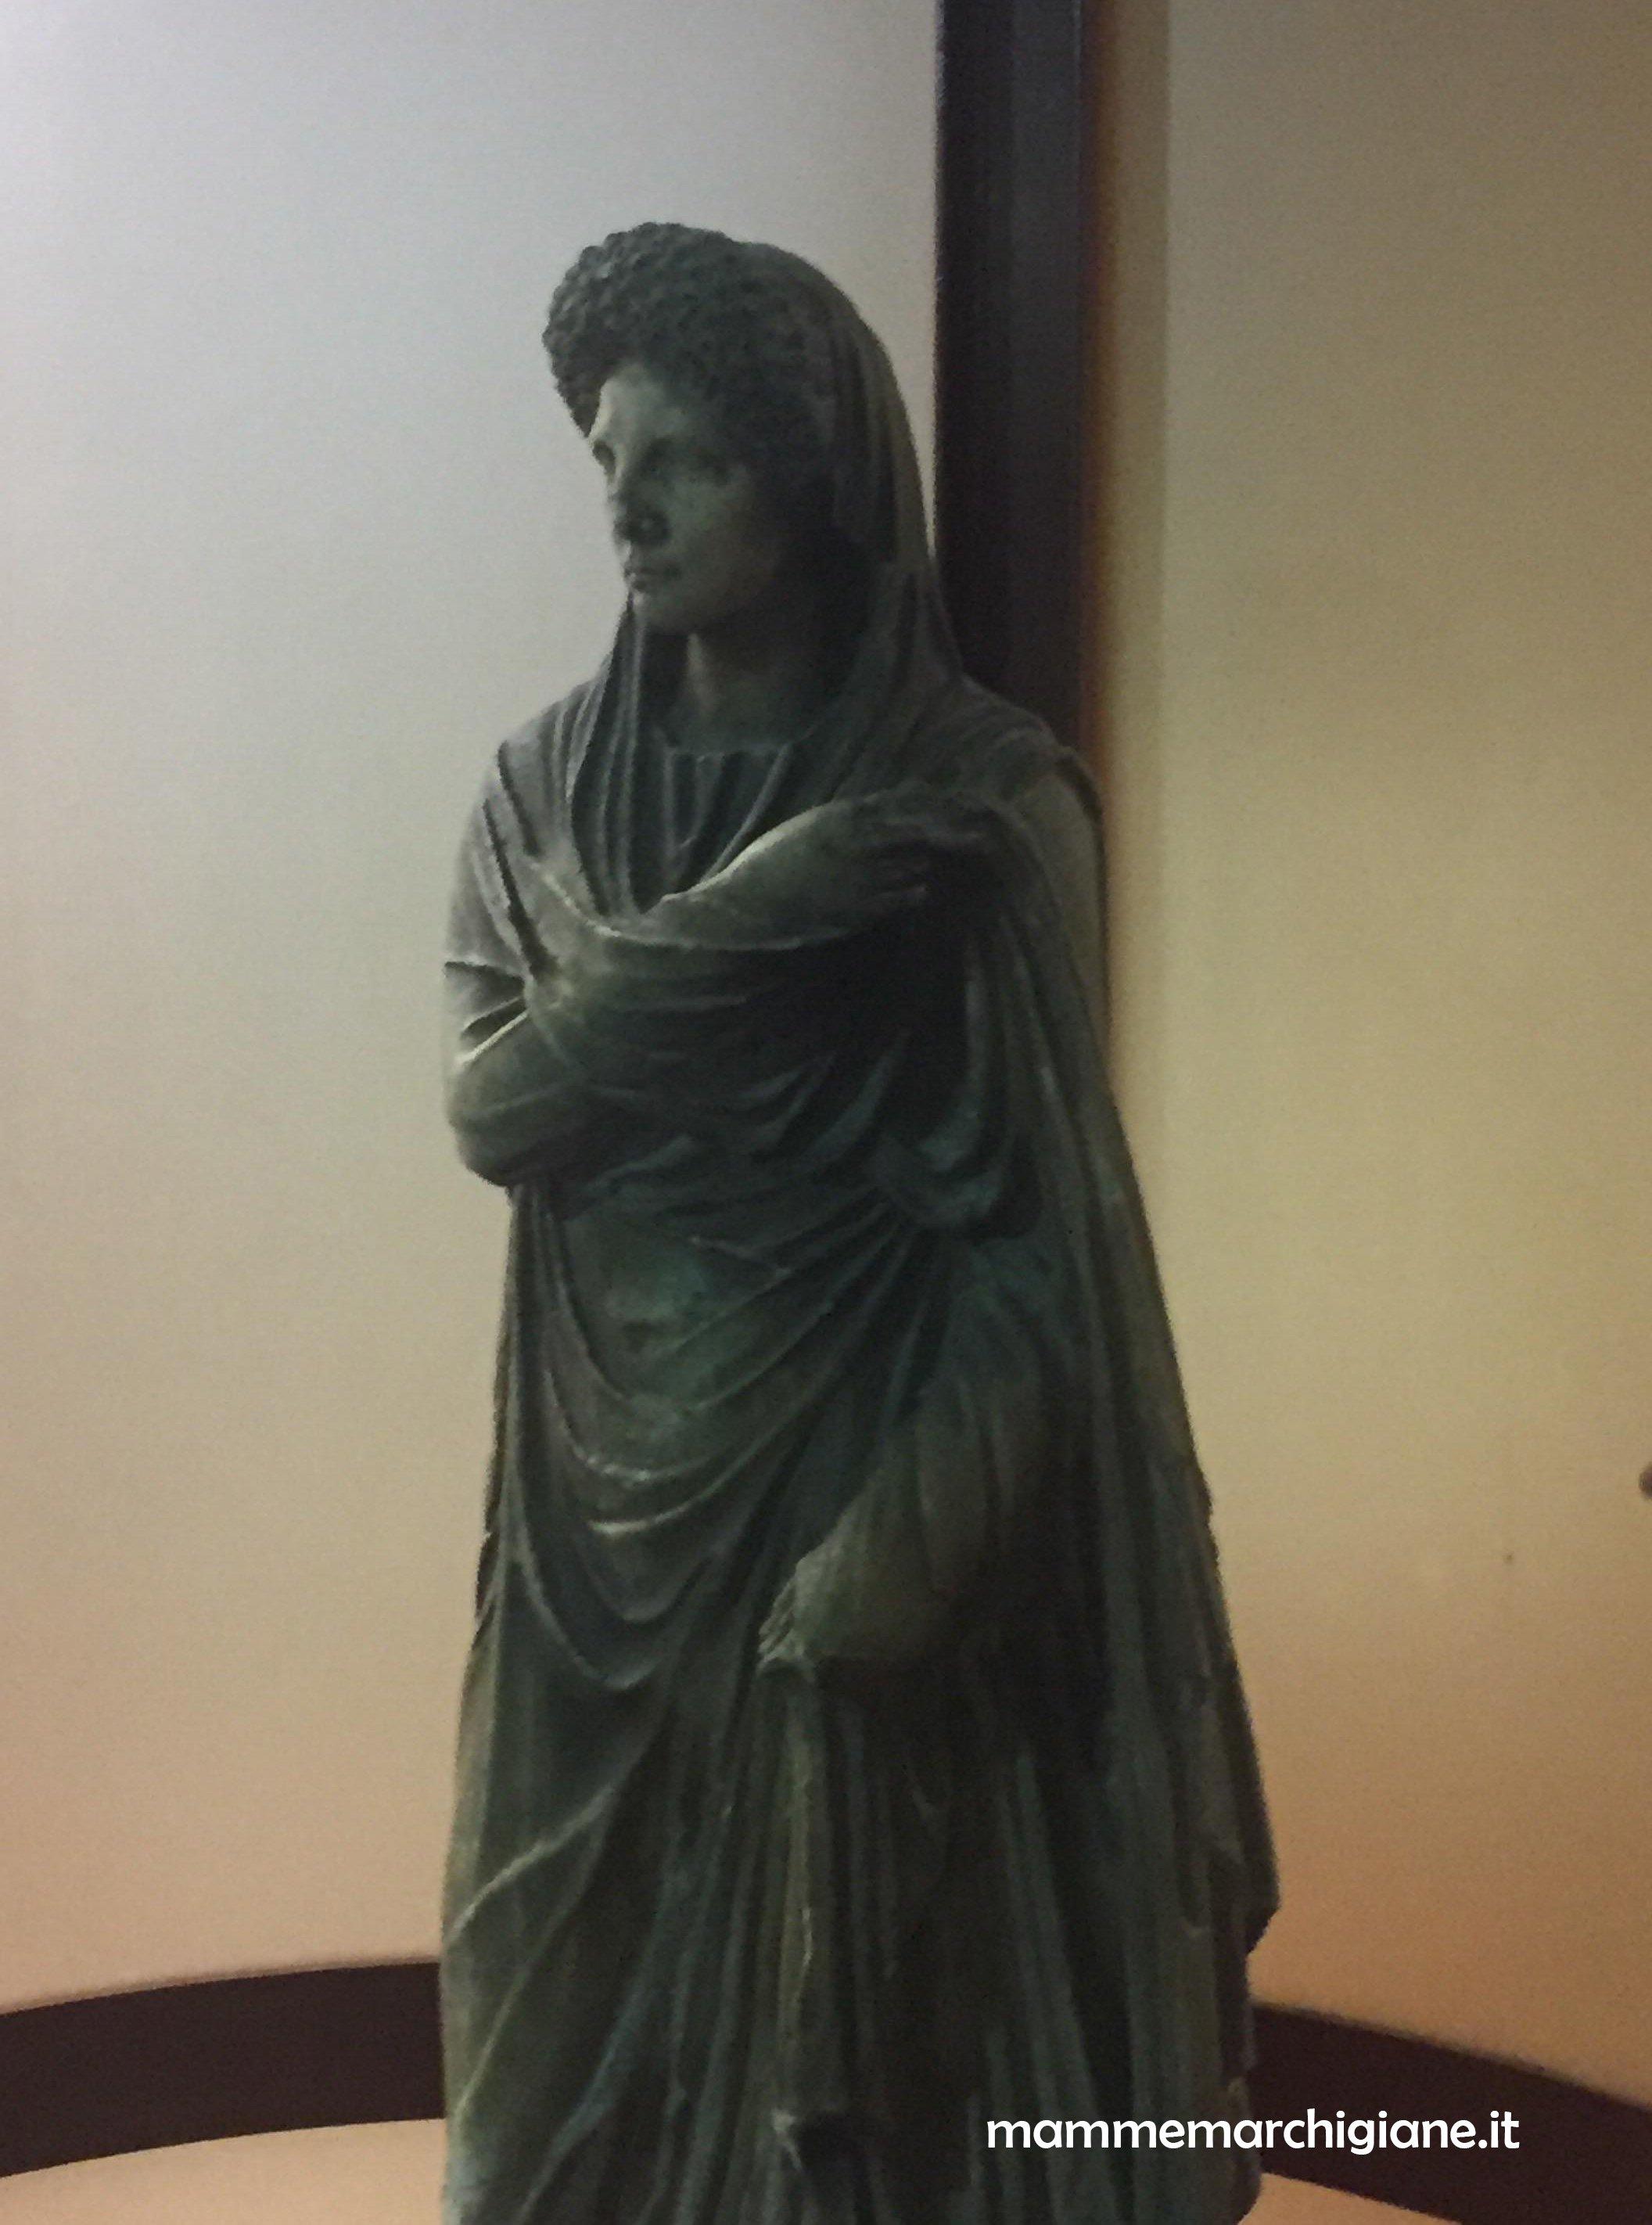 giulia figlia di tito museo archeologico tolentino